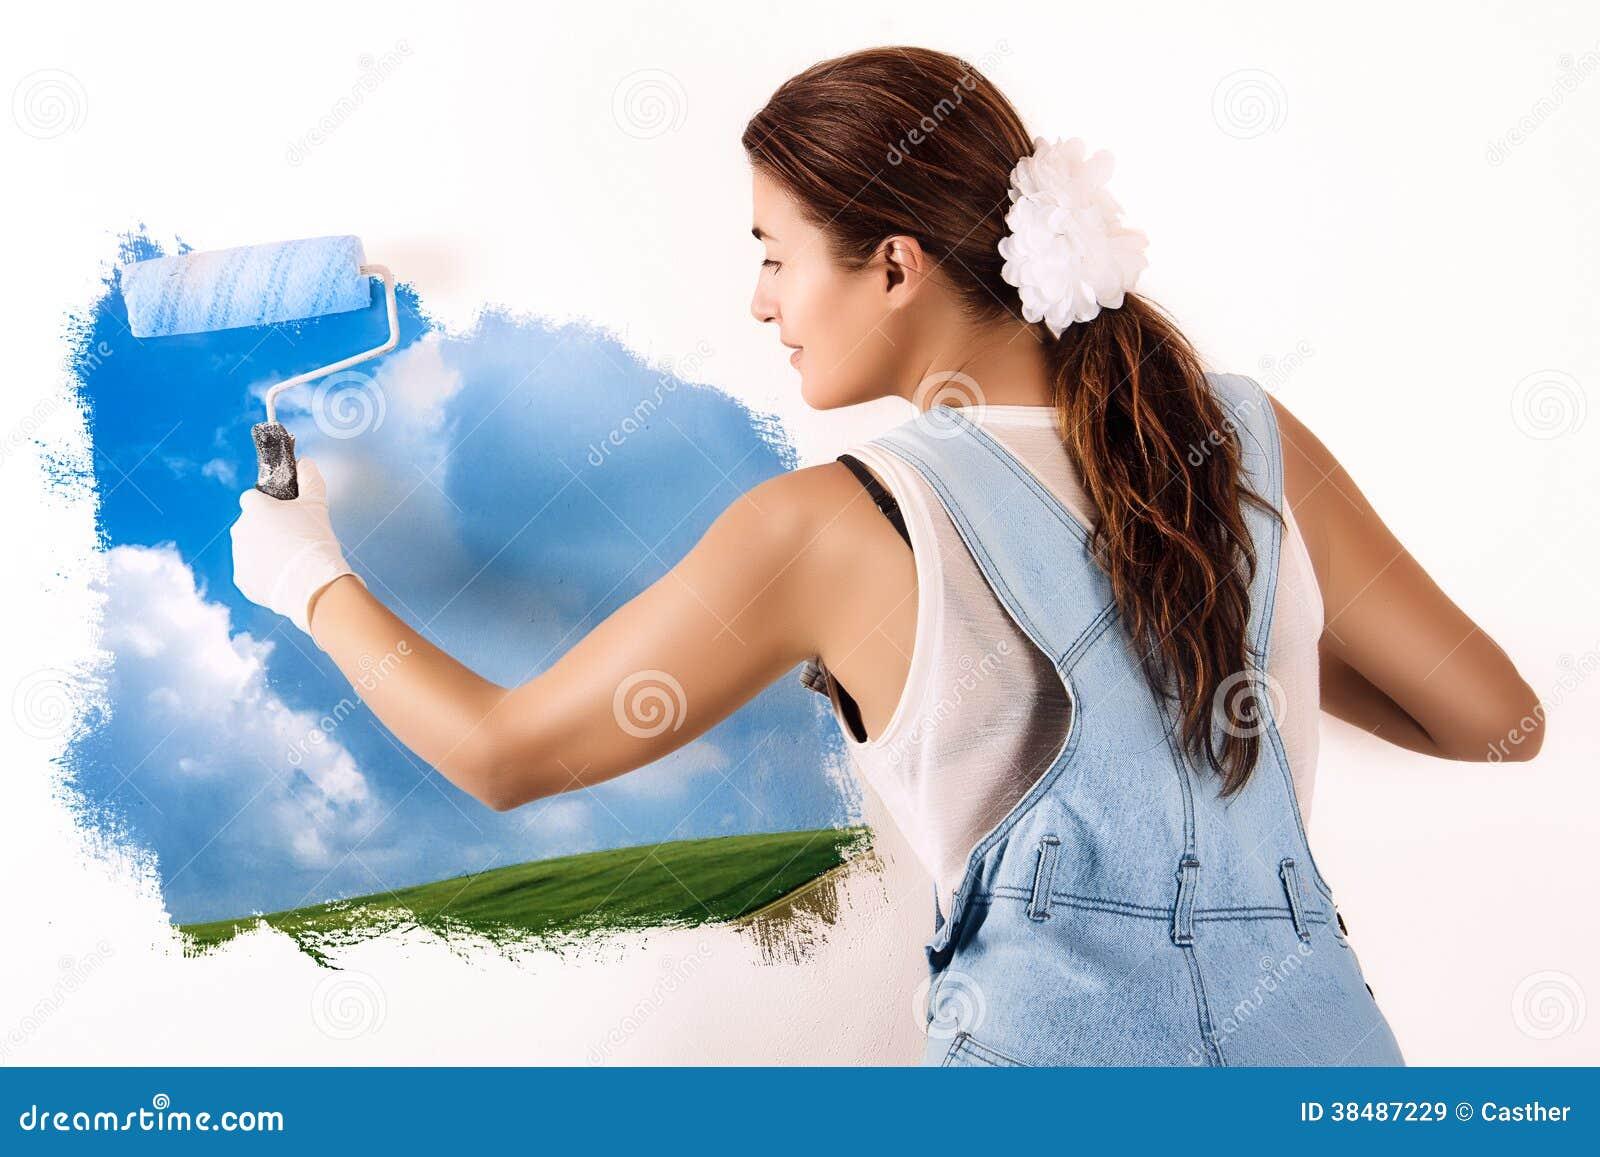 cologiste mural painting sur le mur d cor avec la. Black Bedroom Furniture Sets. Home Design Ideas